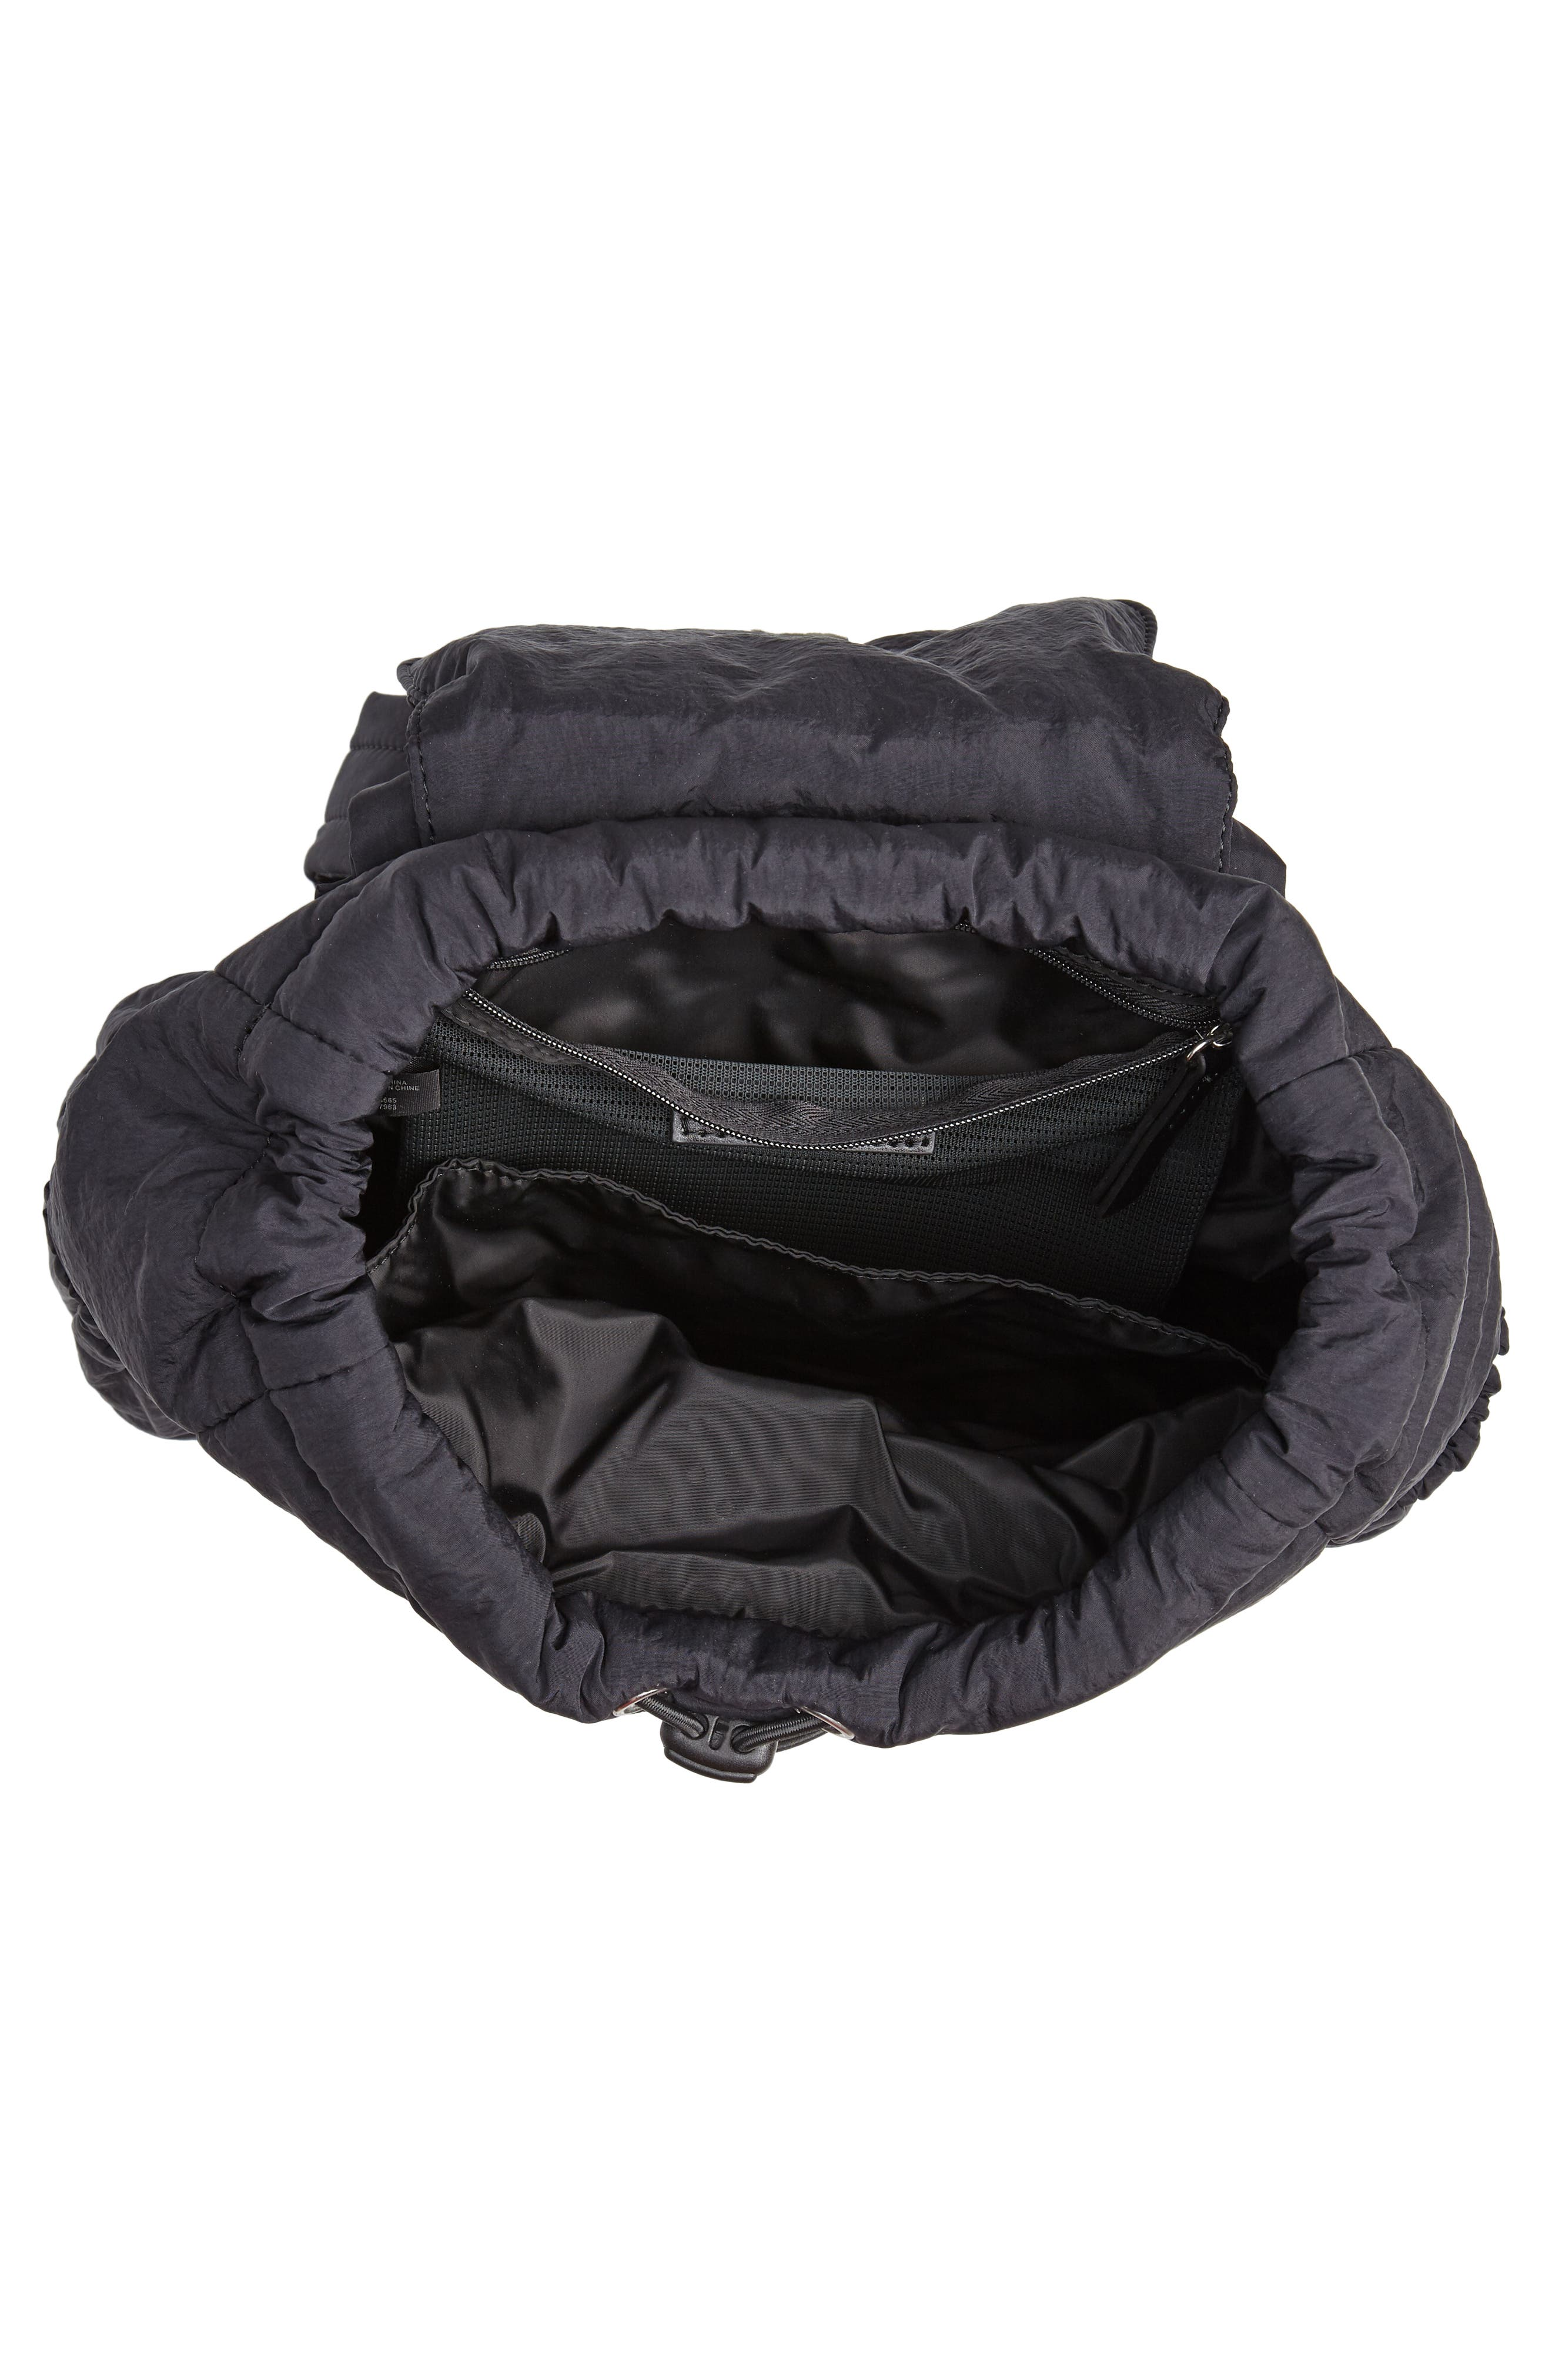 Teri Nylon Backpack,                             Alternate thumbnail 4, color,                             BLACK